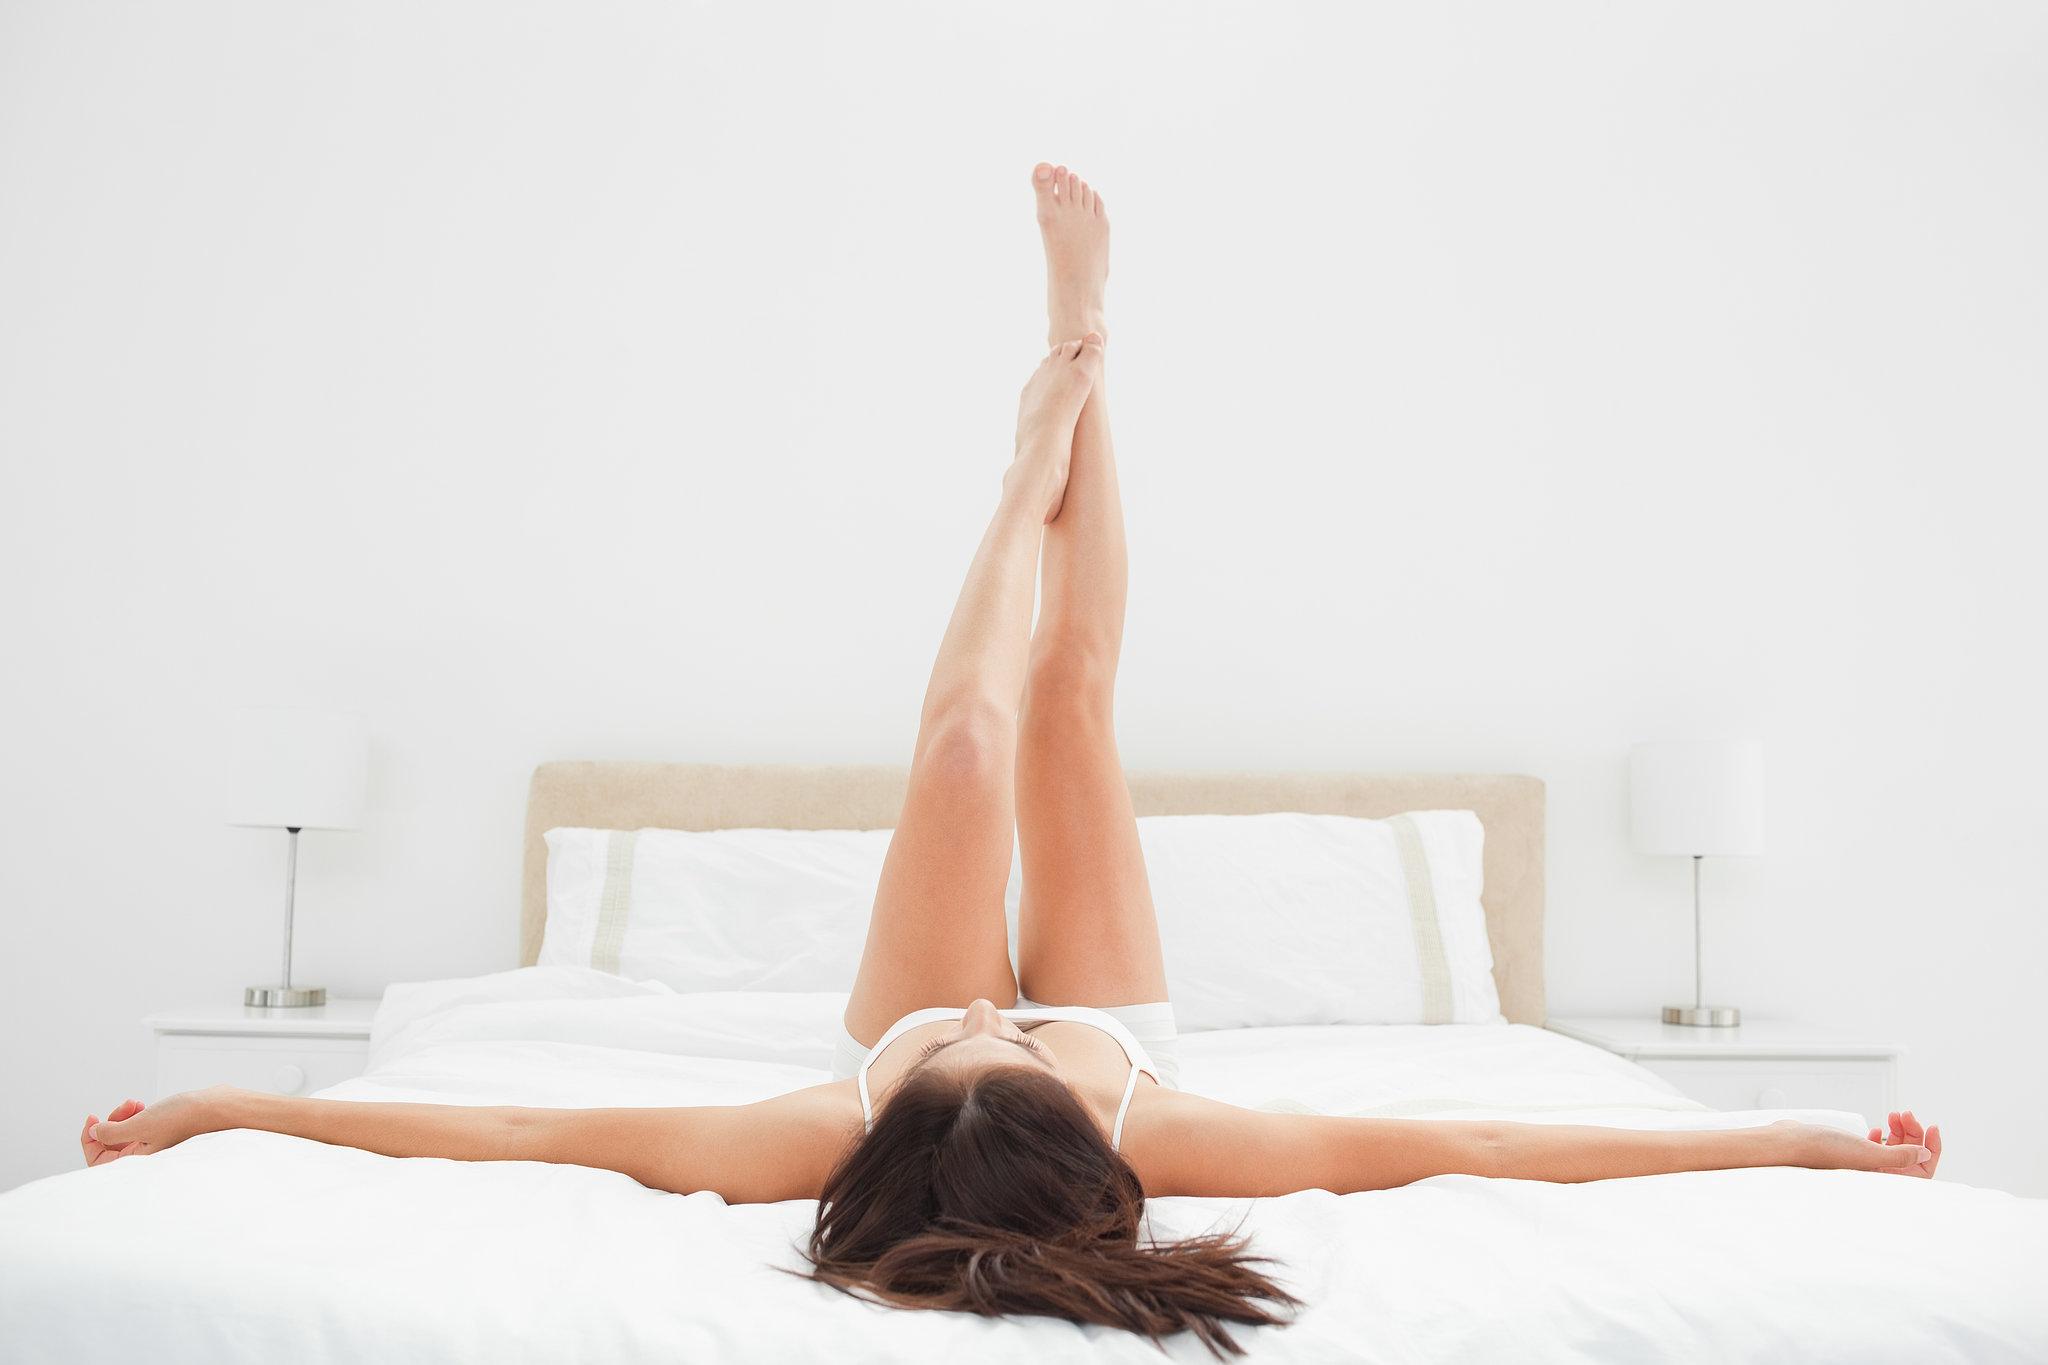 Фото жена с поднятыми ногами 7 фотография